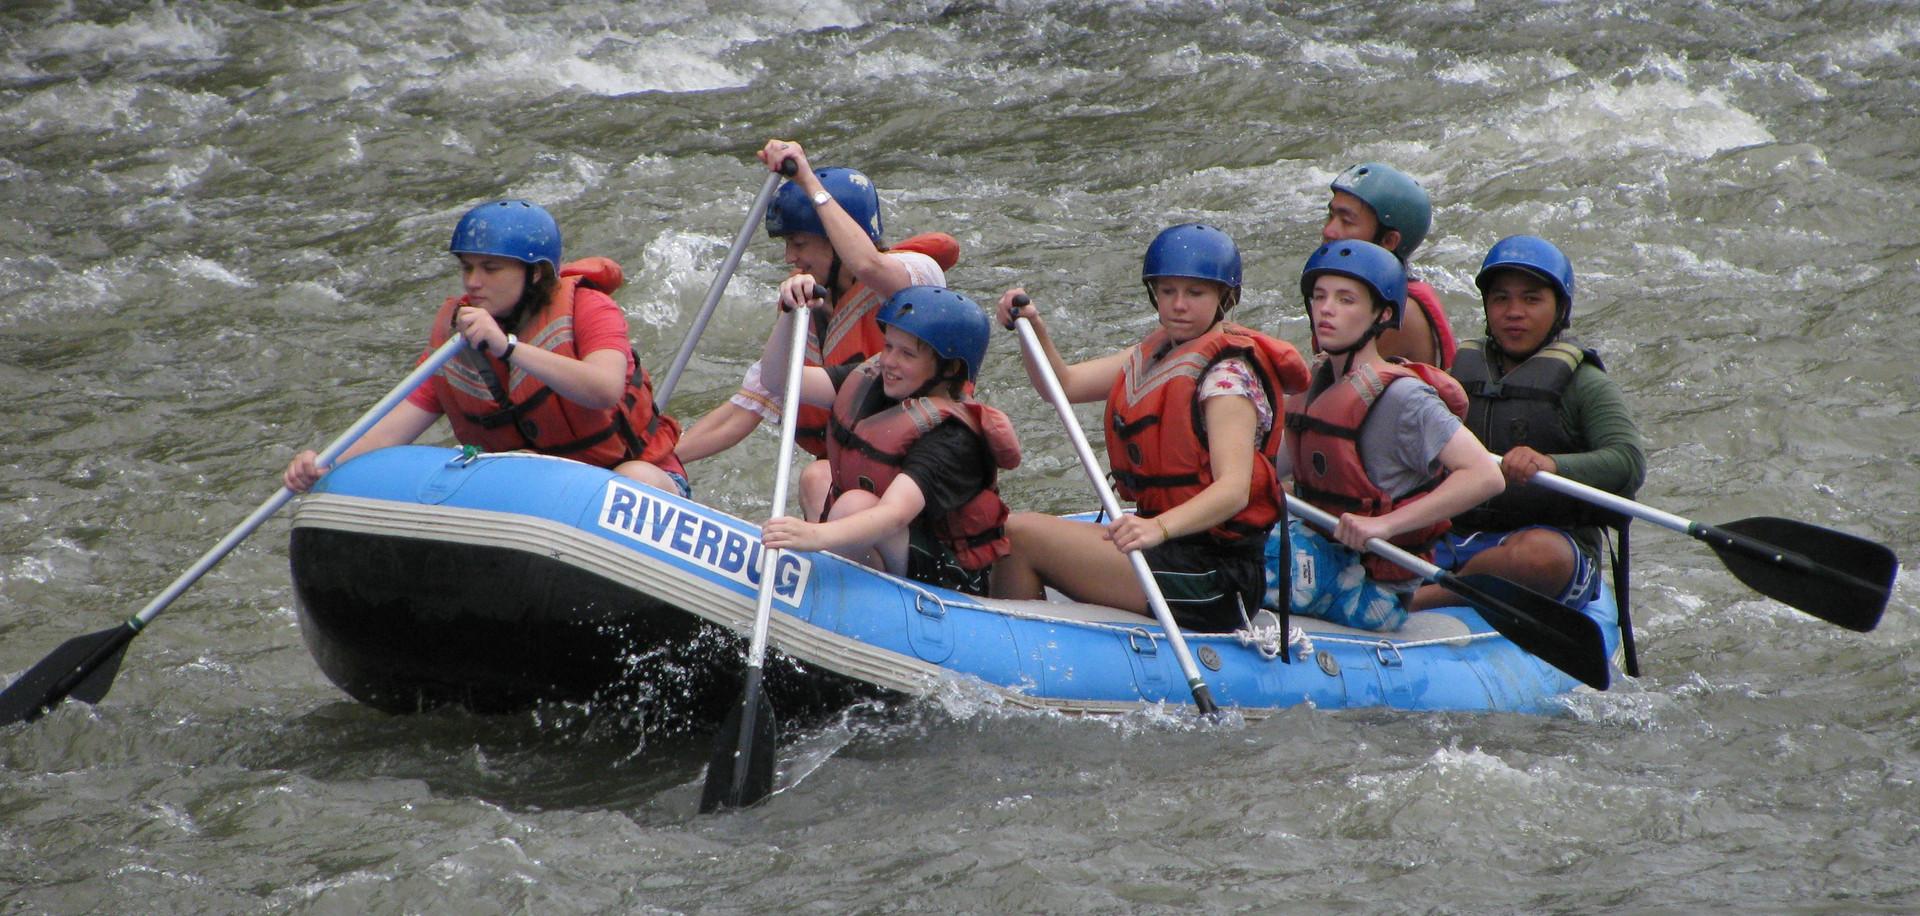 Kiulu Water River Rafting - Photo 4.jpg